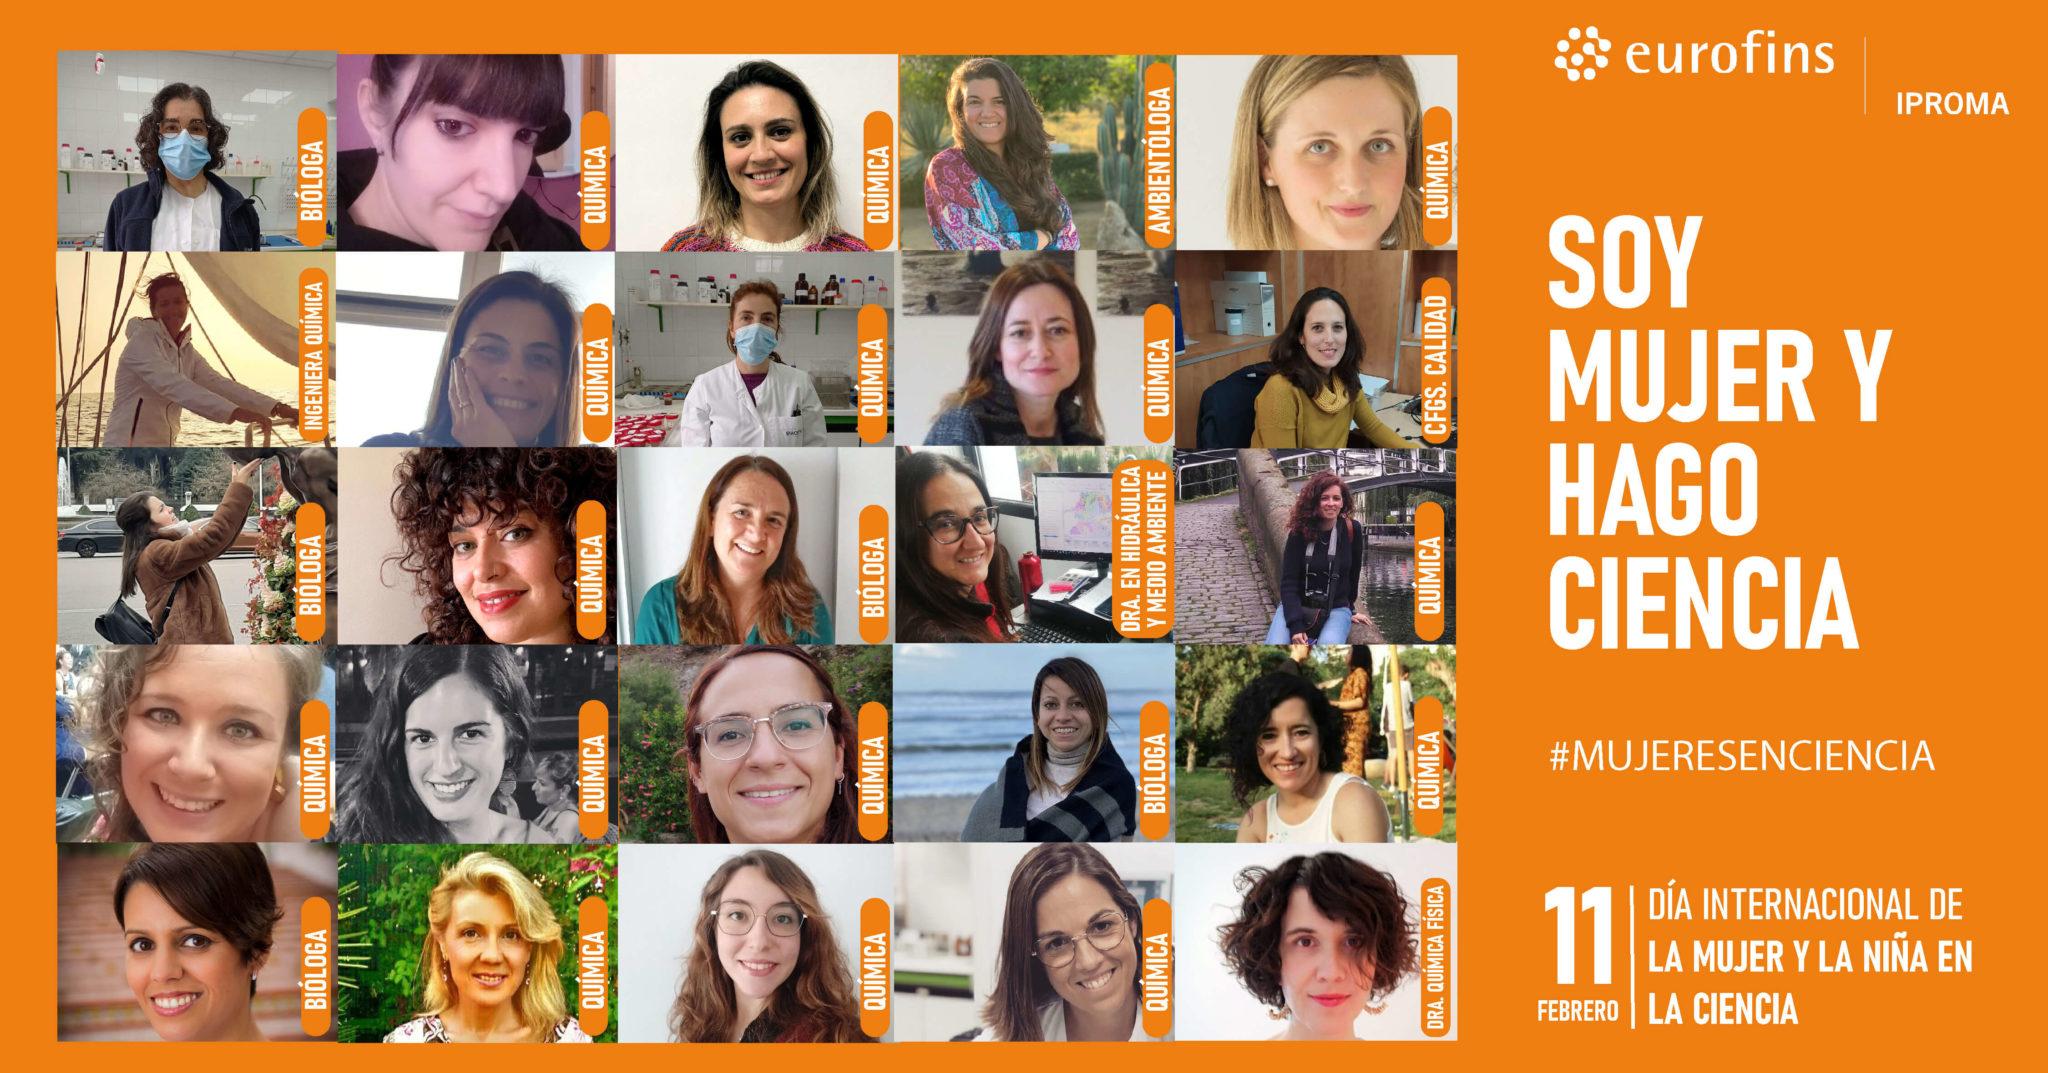 https://www.iproma.com/es/eurofins-iproma-celebra-el-dia-internacional-de-la-mujer-y-la-nina-en-la-ciencia/